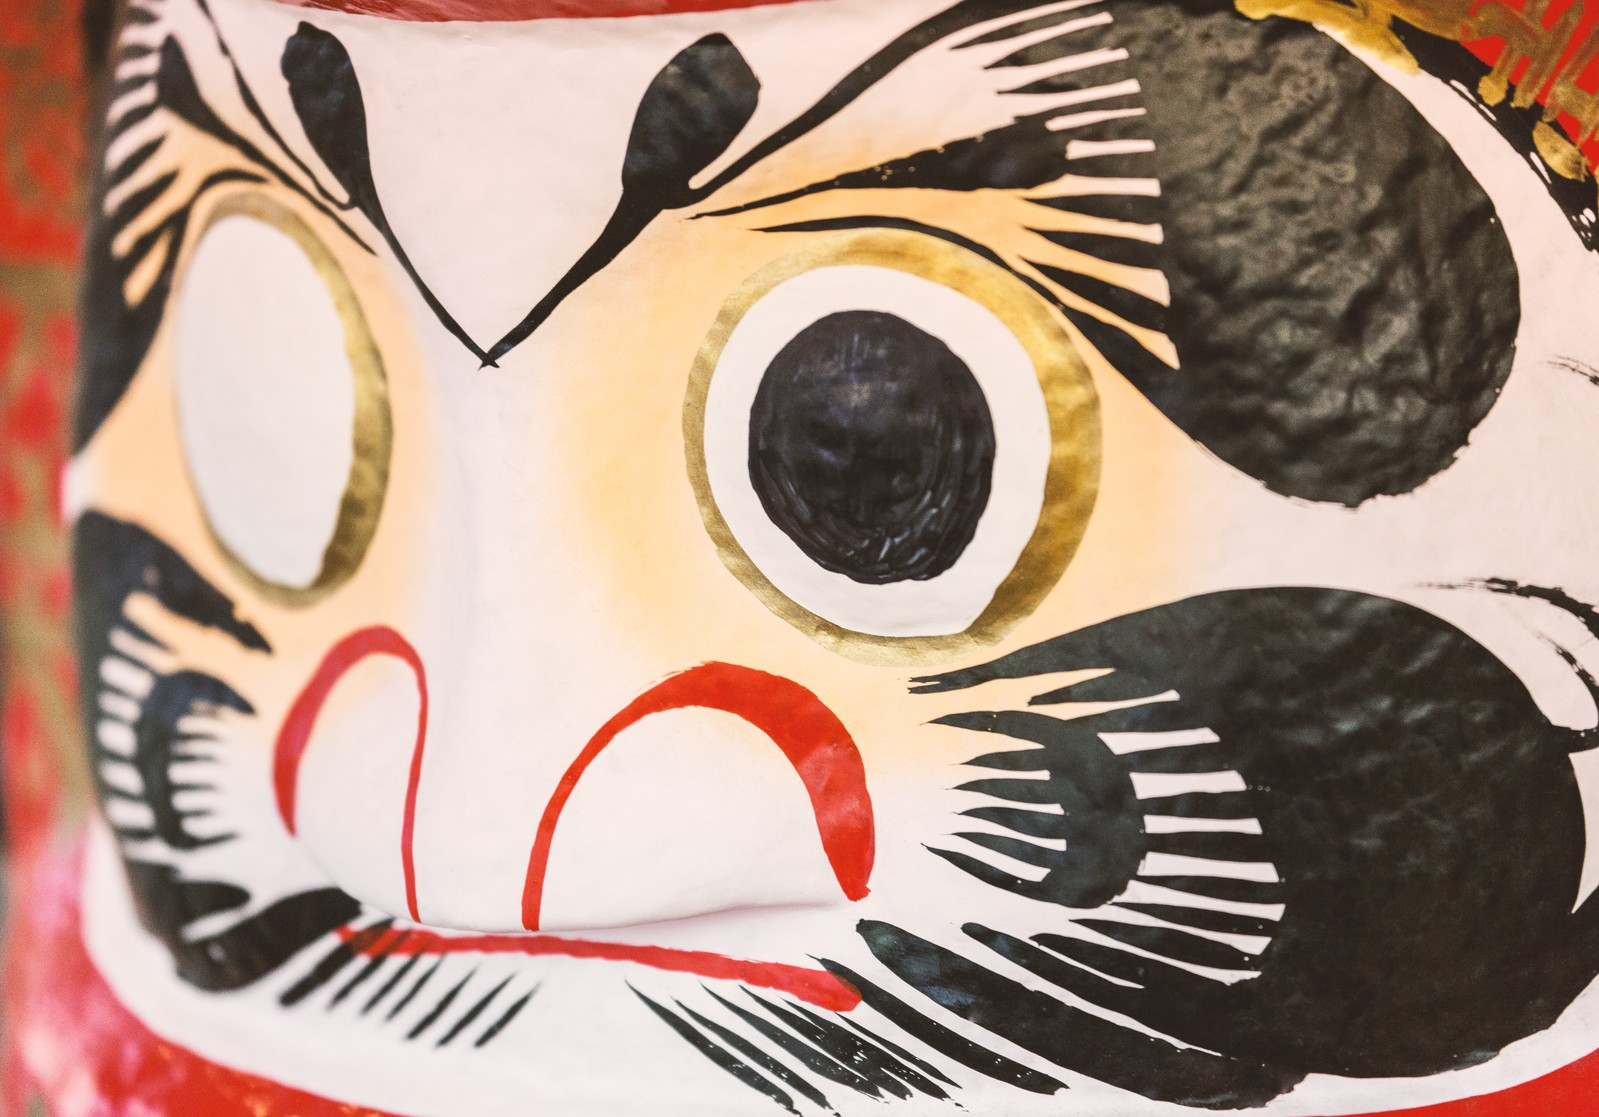 「片目が塗られていない達磨」の写真